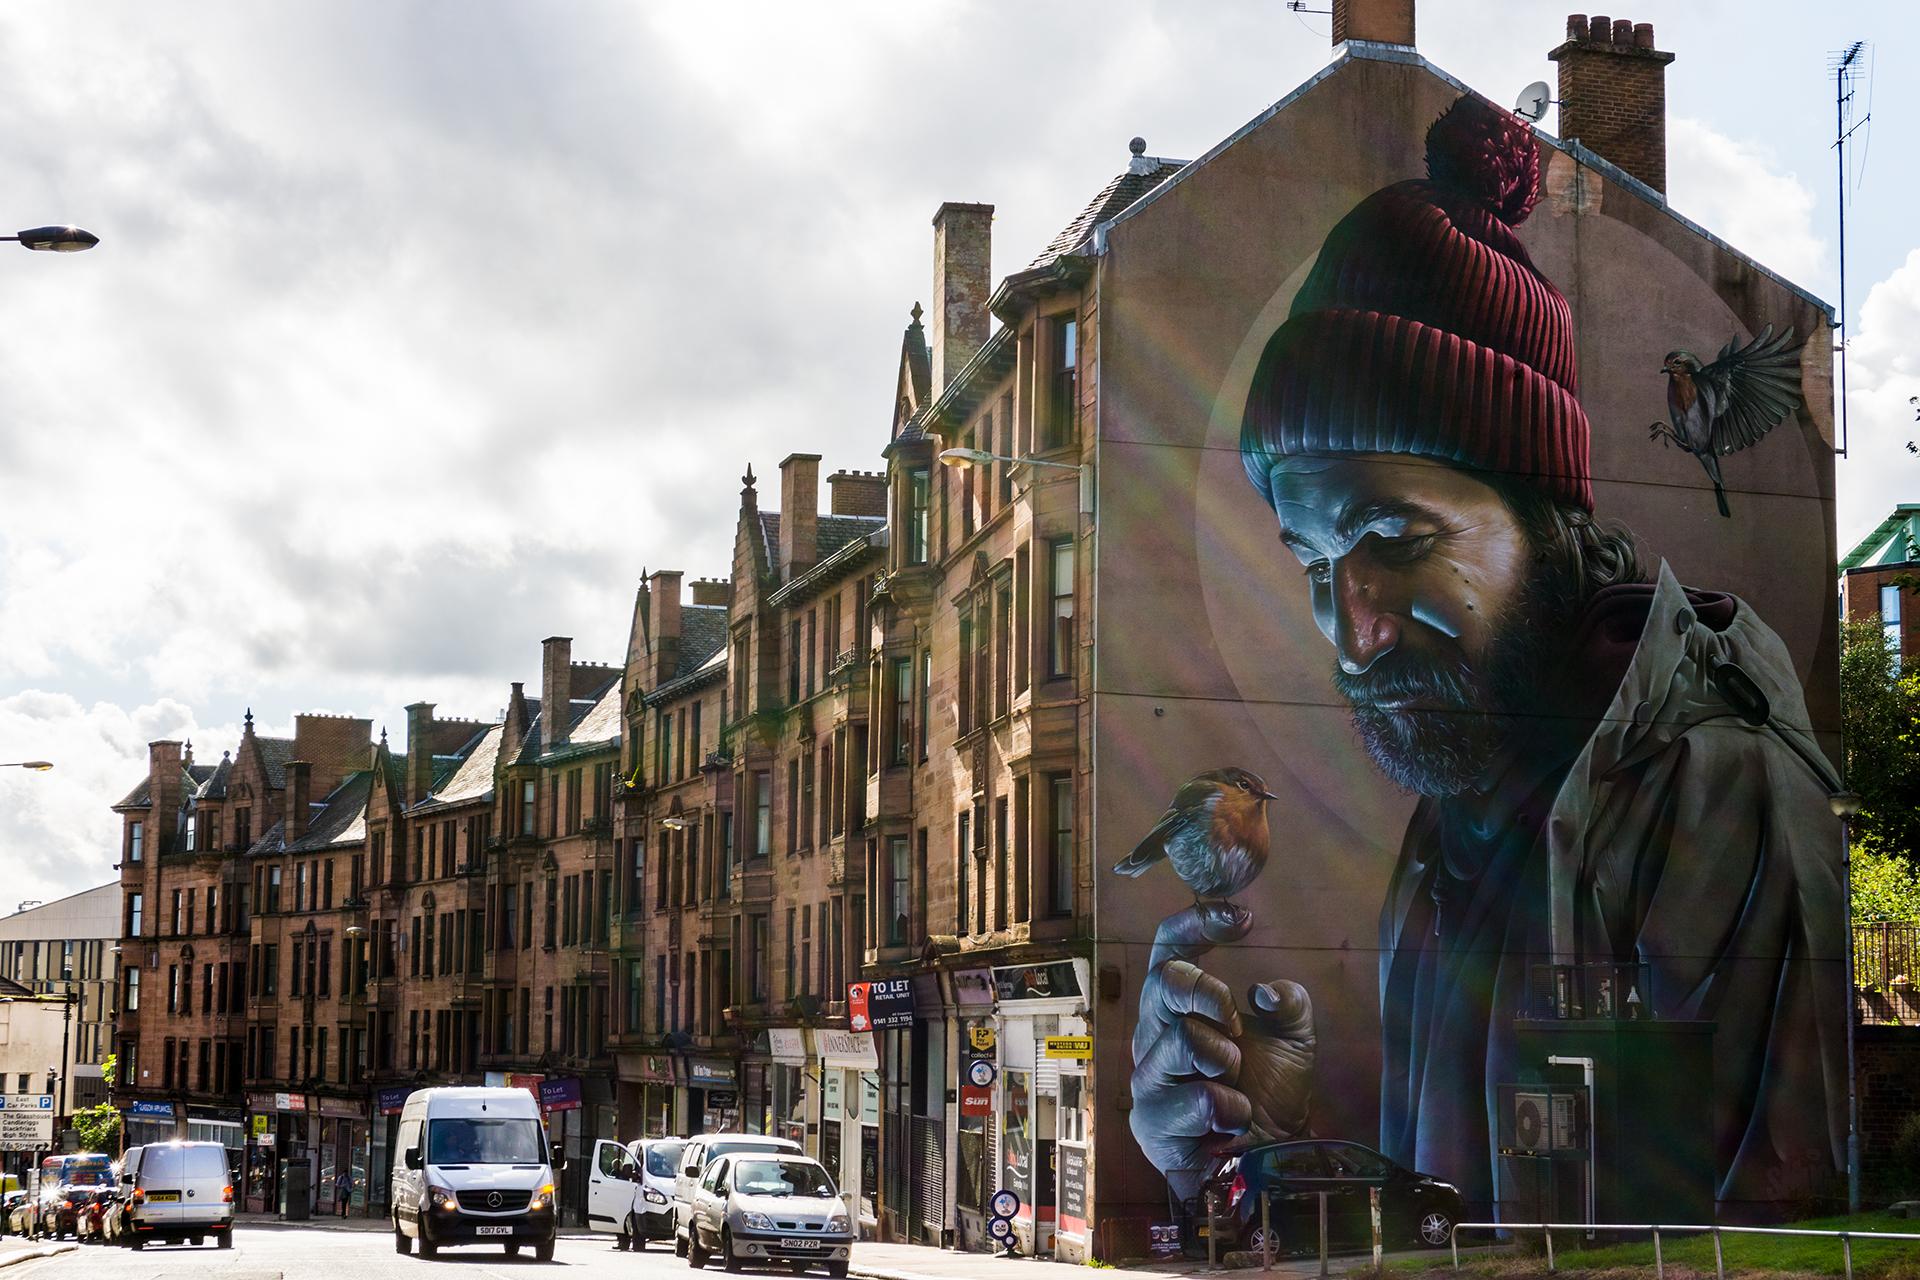 Glasgow street art, Szkocja 2017